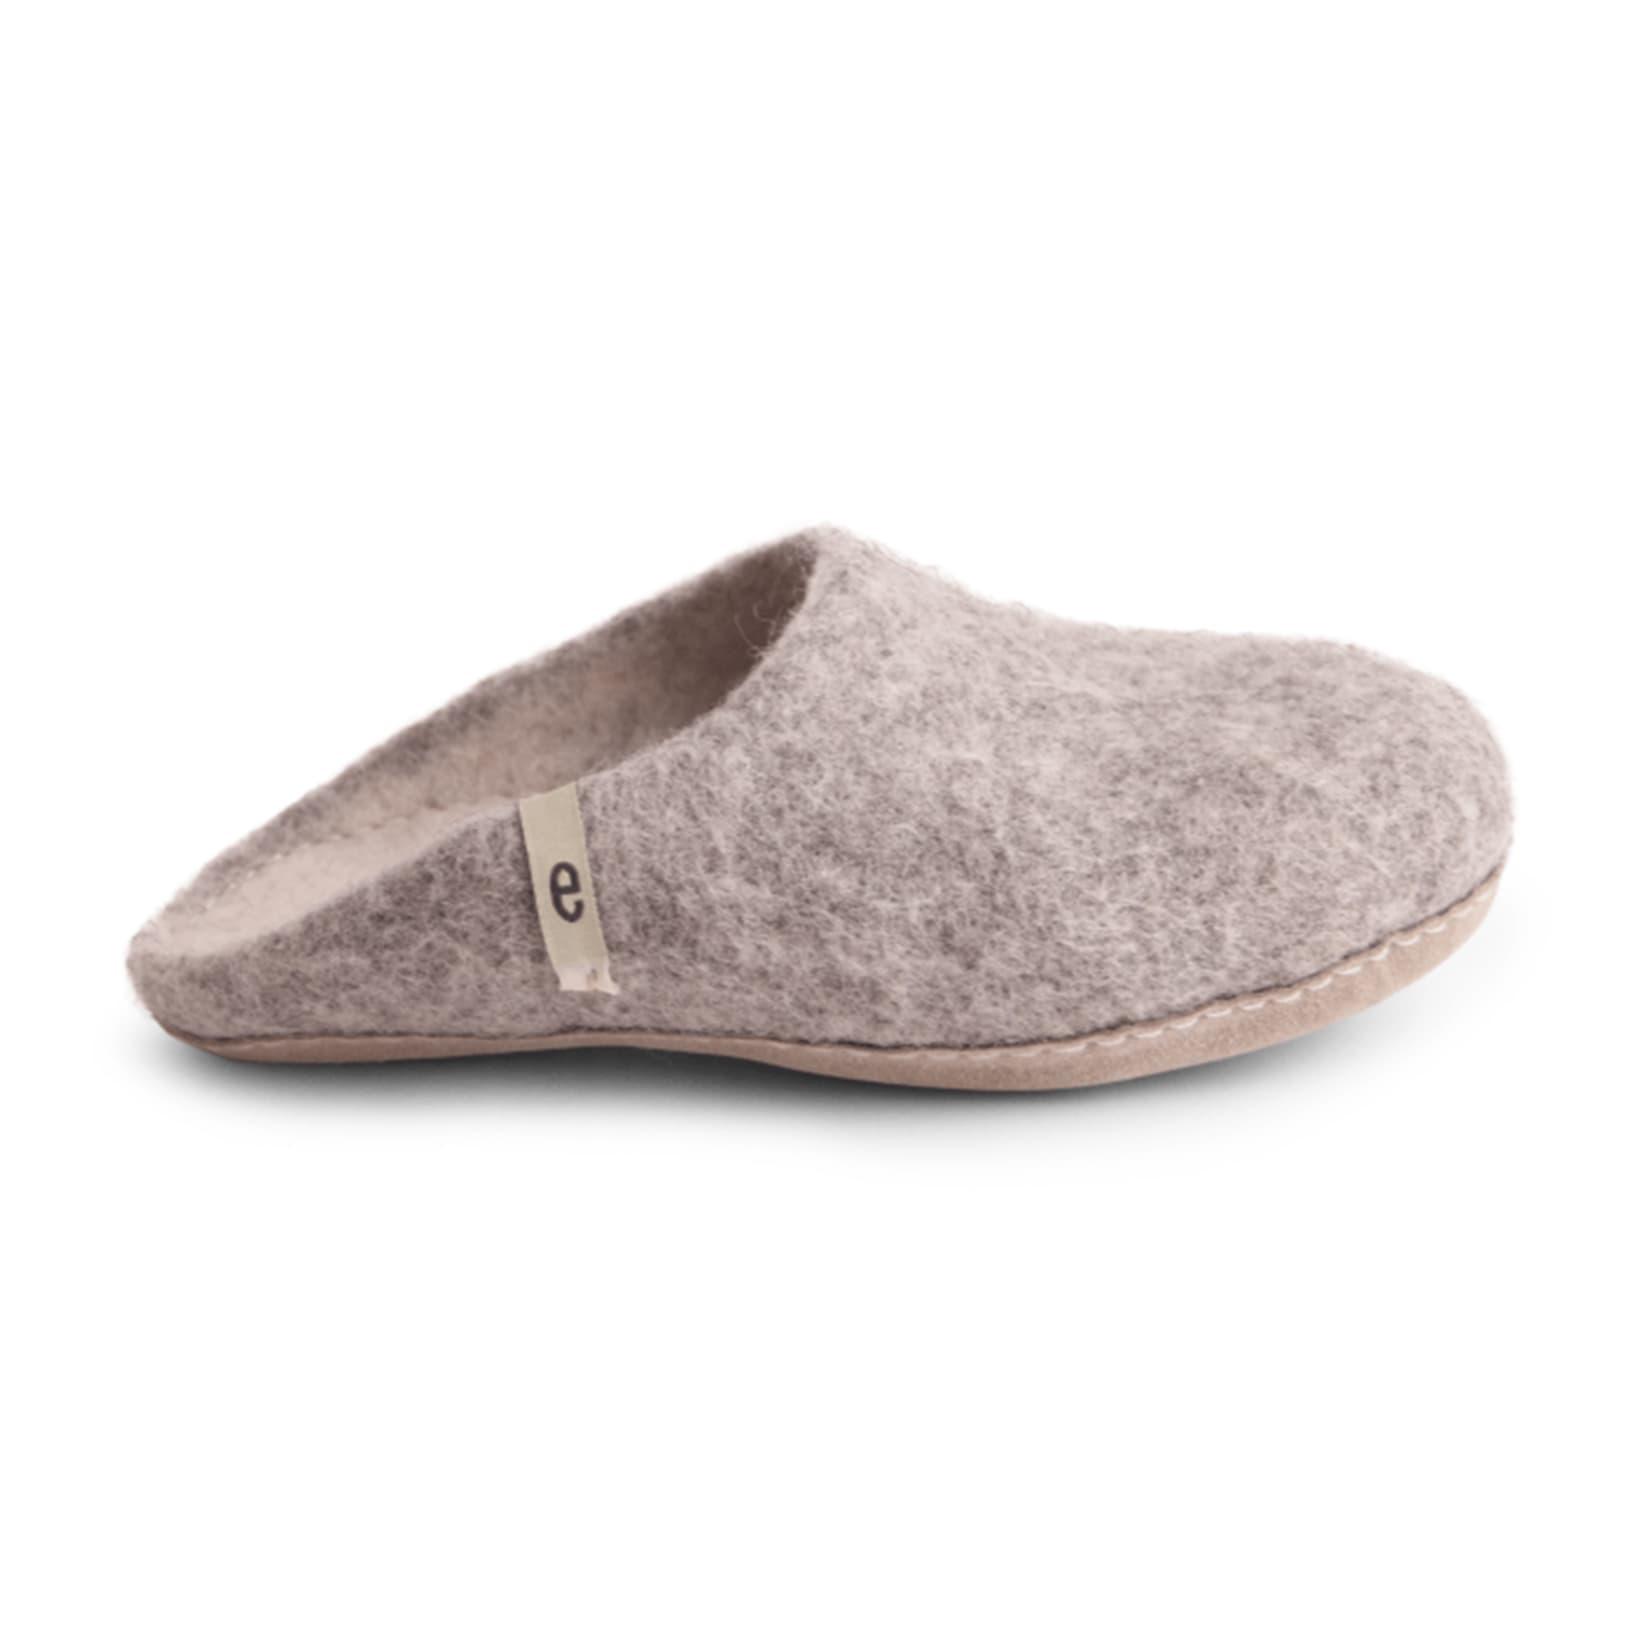 Women's Wool Slippers - Grey